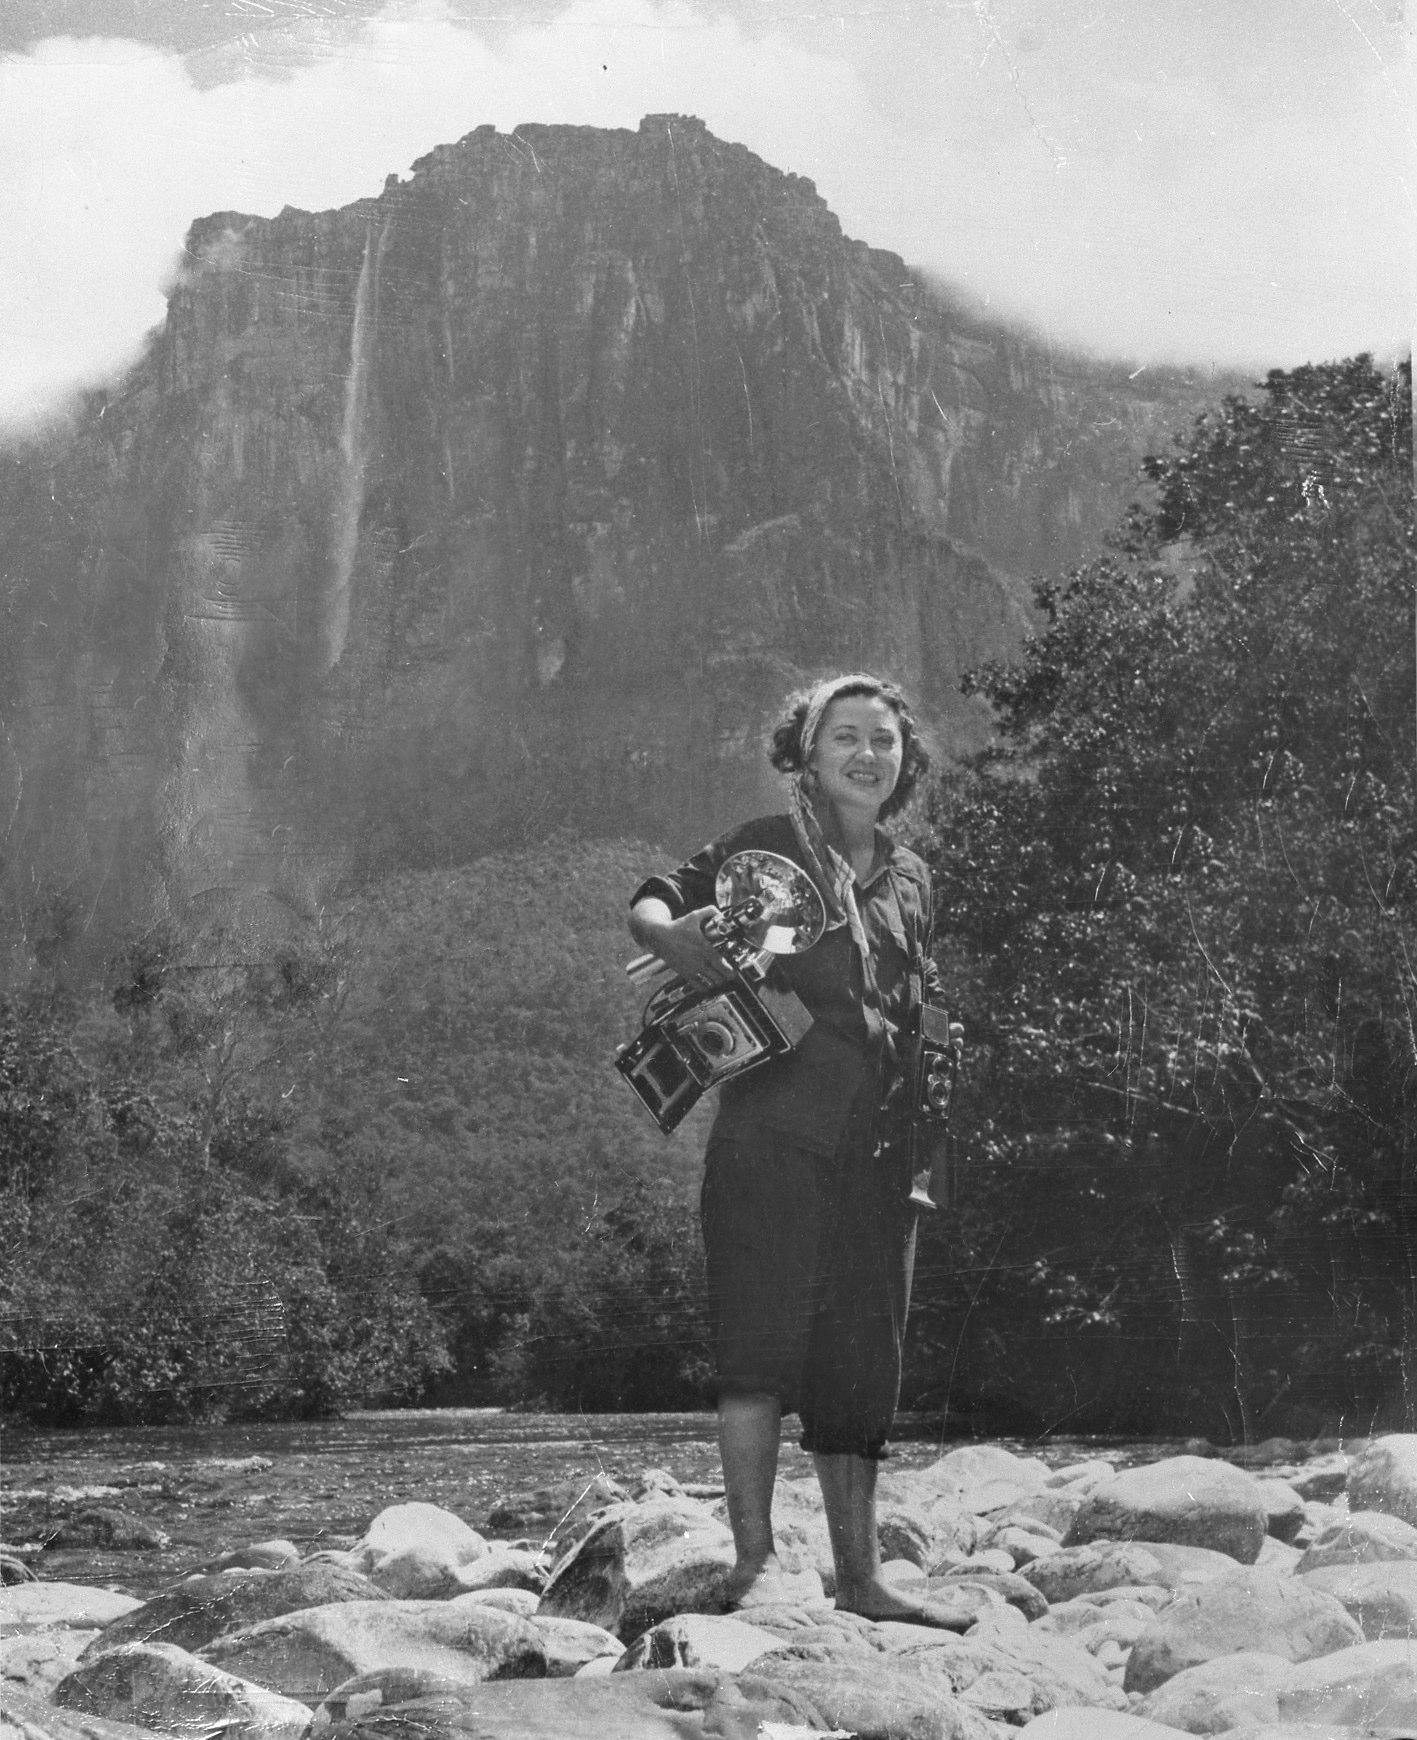 Self-portrait, Angel Falls 1949